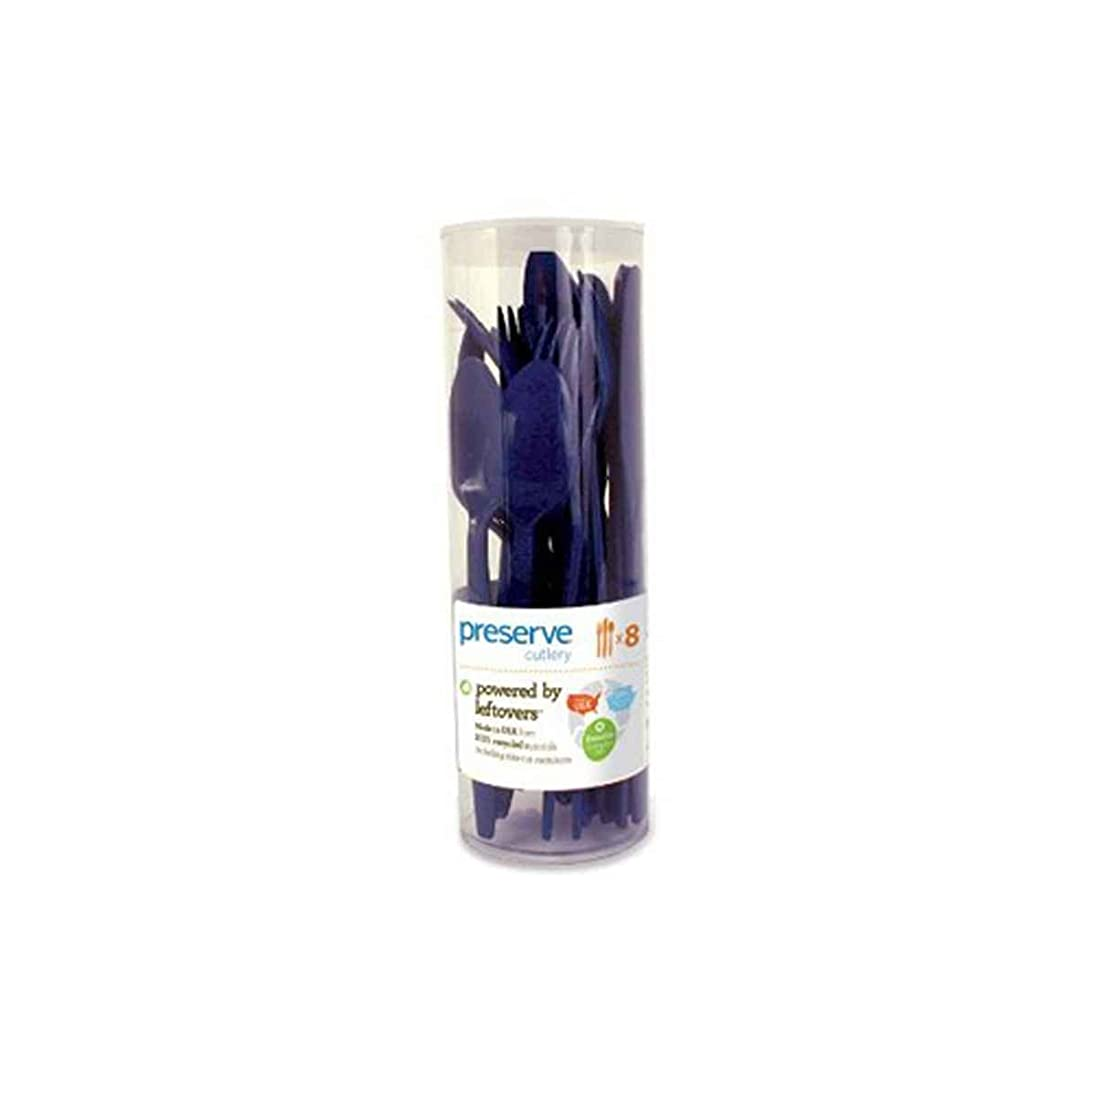 恋人者無謀Preserve Cutlery (8 Set) - Midnight Blue 24 Pack(S) by Preserve